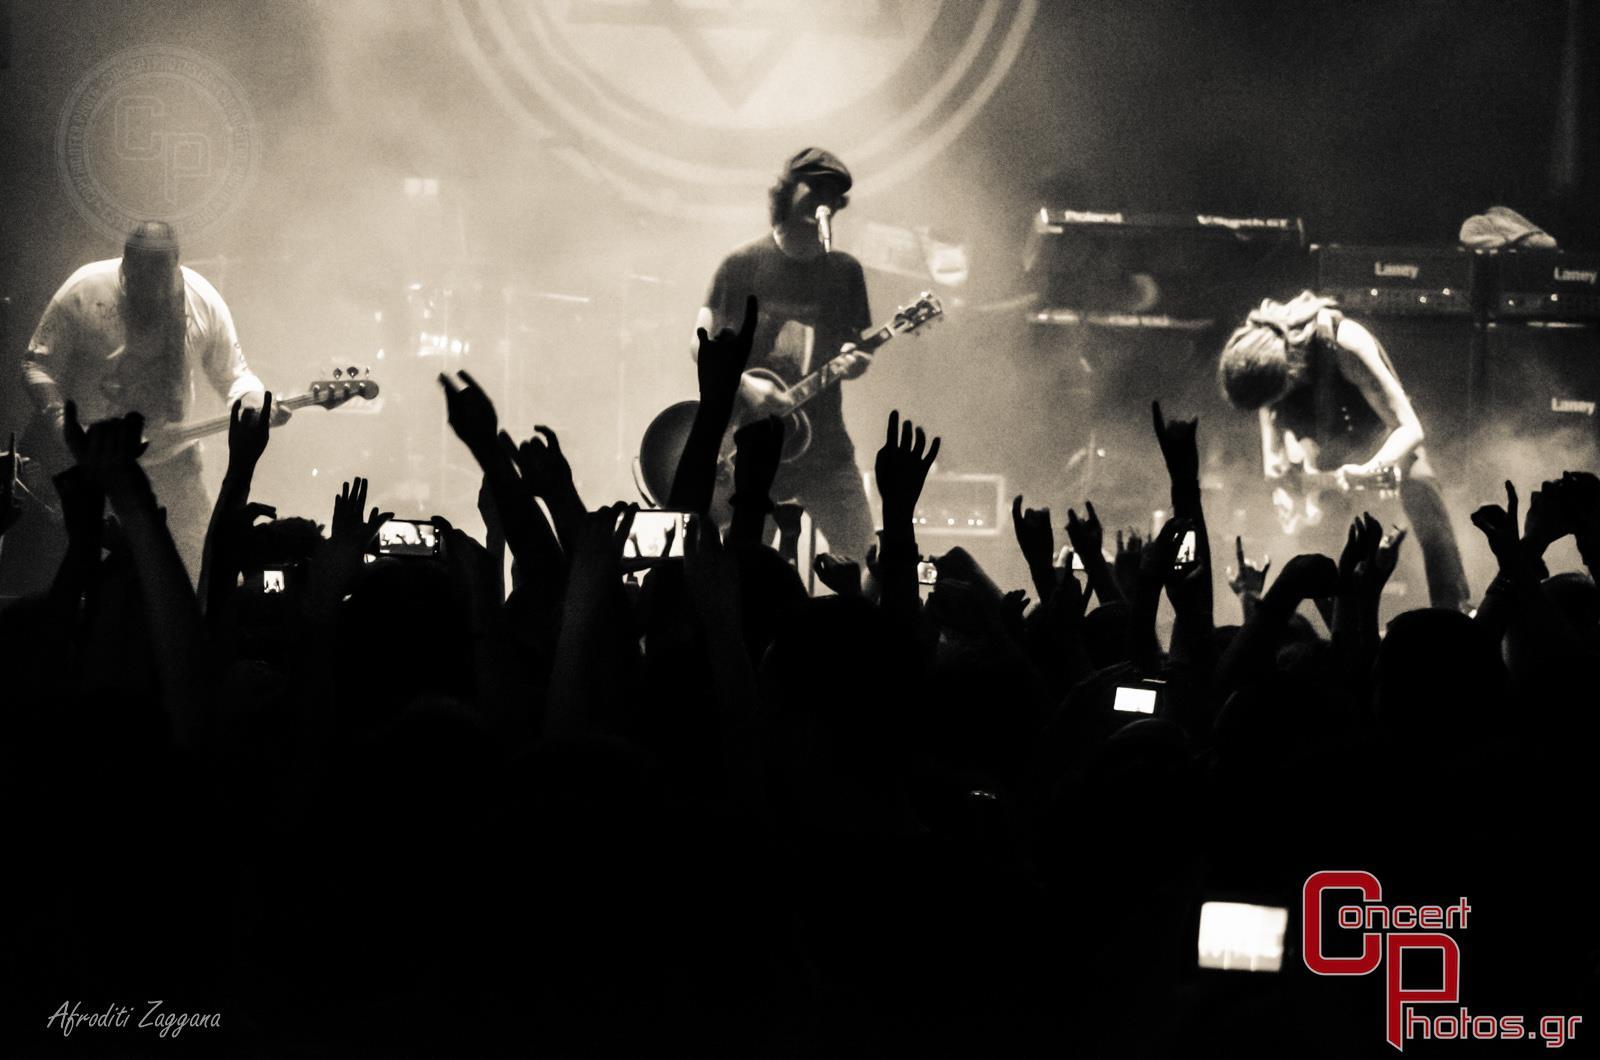 HIM-HIM photographer:  - concertphotos_20140801_21_34_44